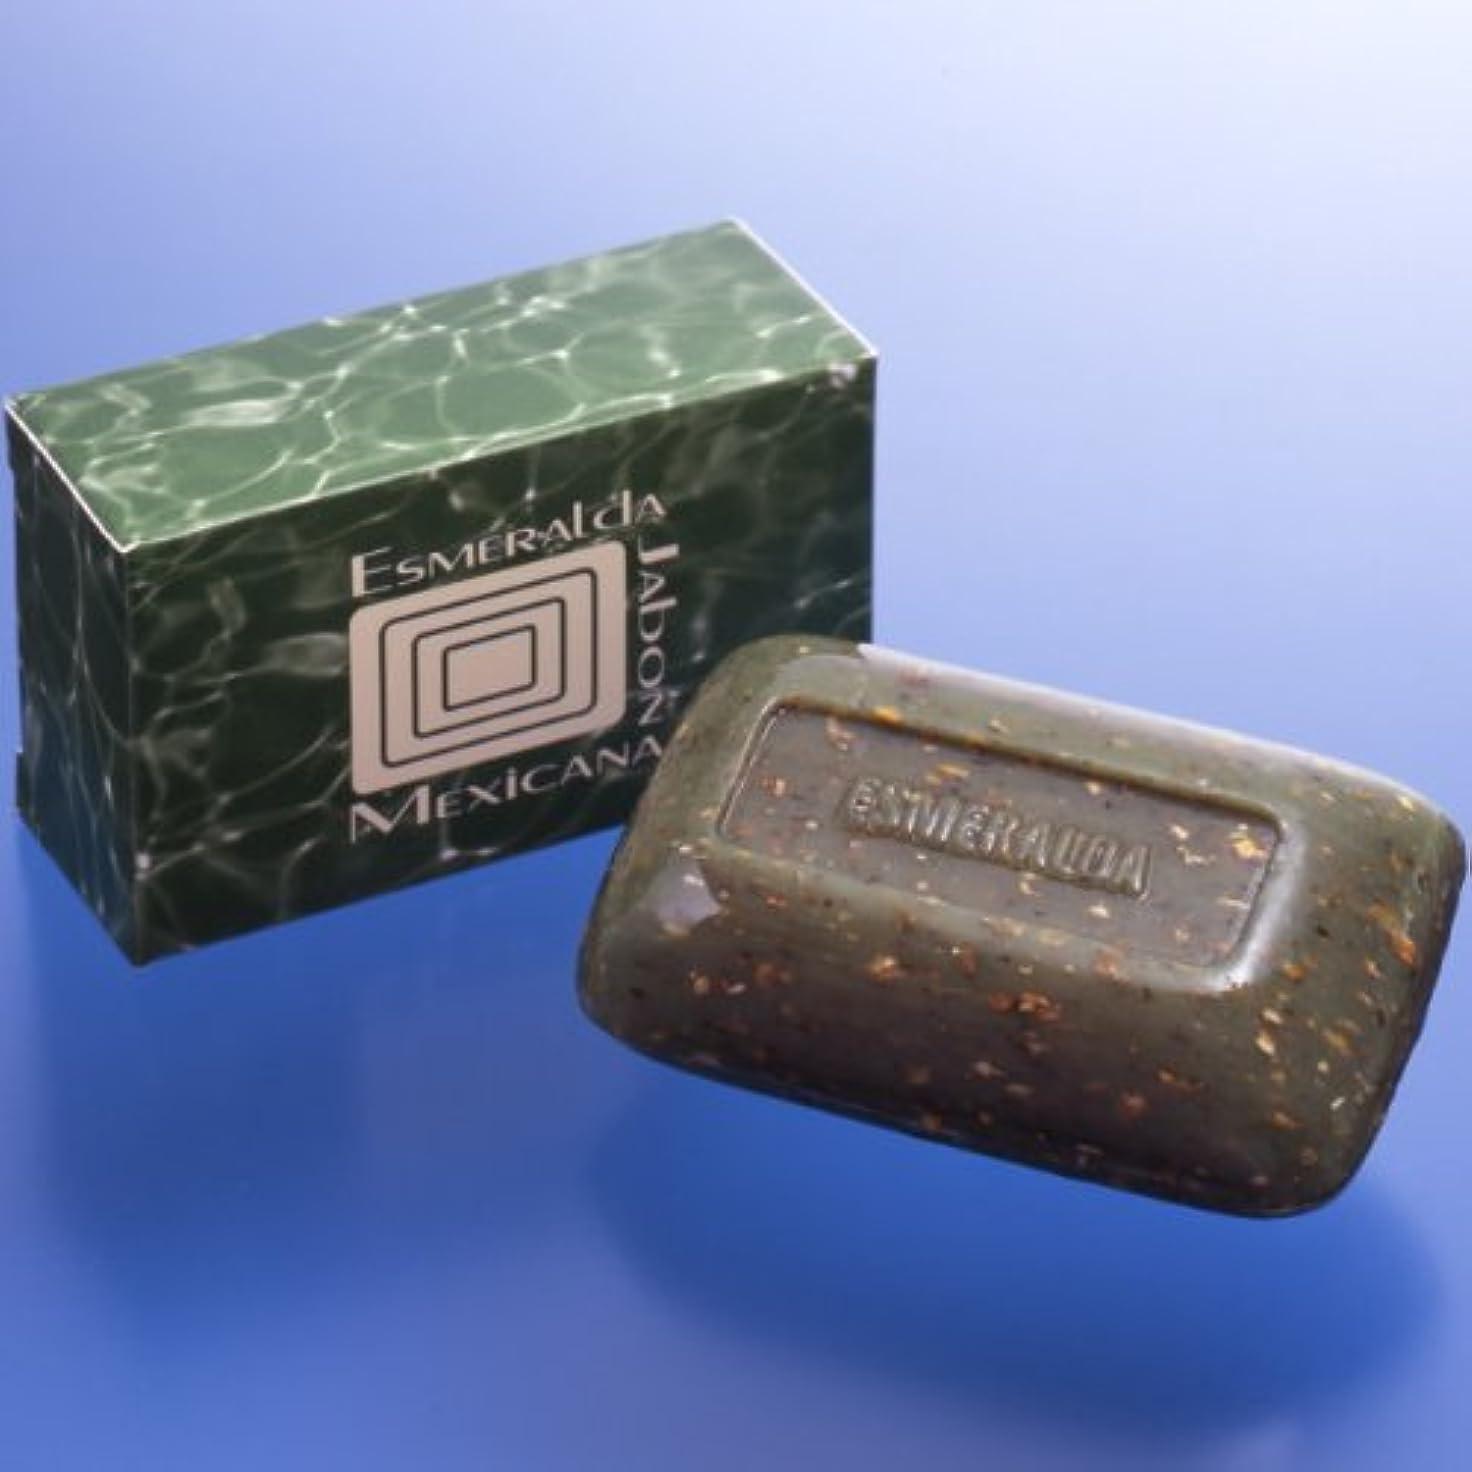 刺すミュウミュウクリスチャンメキシコで大人気のシミ取り石鹸『エスメラルダ?ハボン?メキシカーナ』